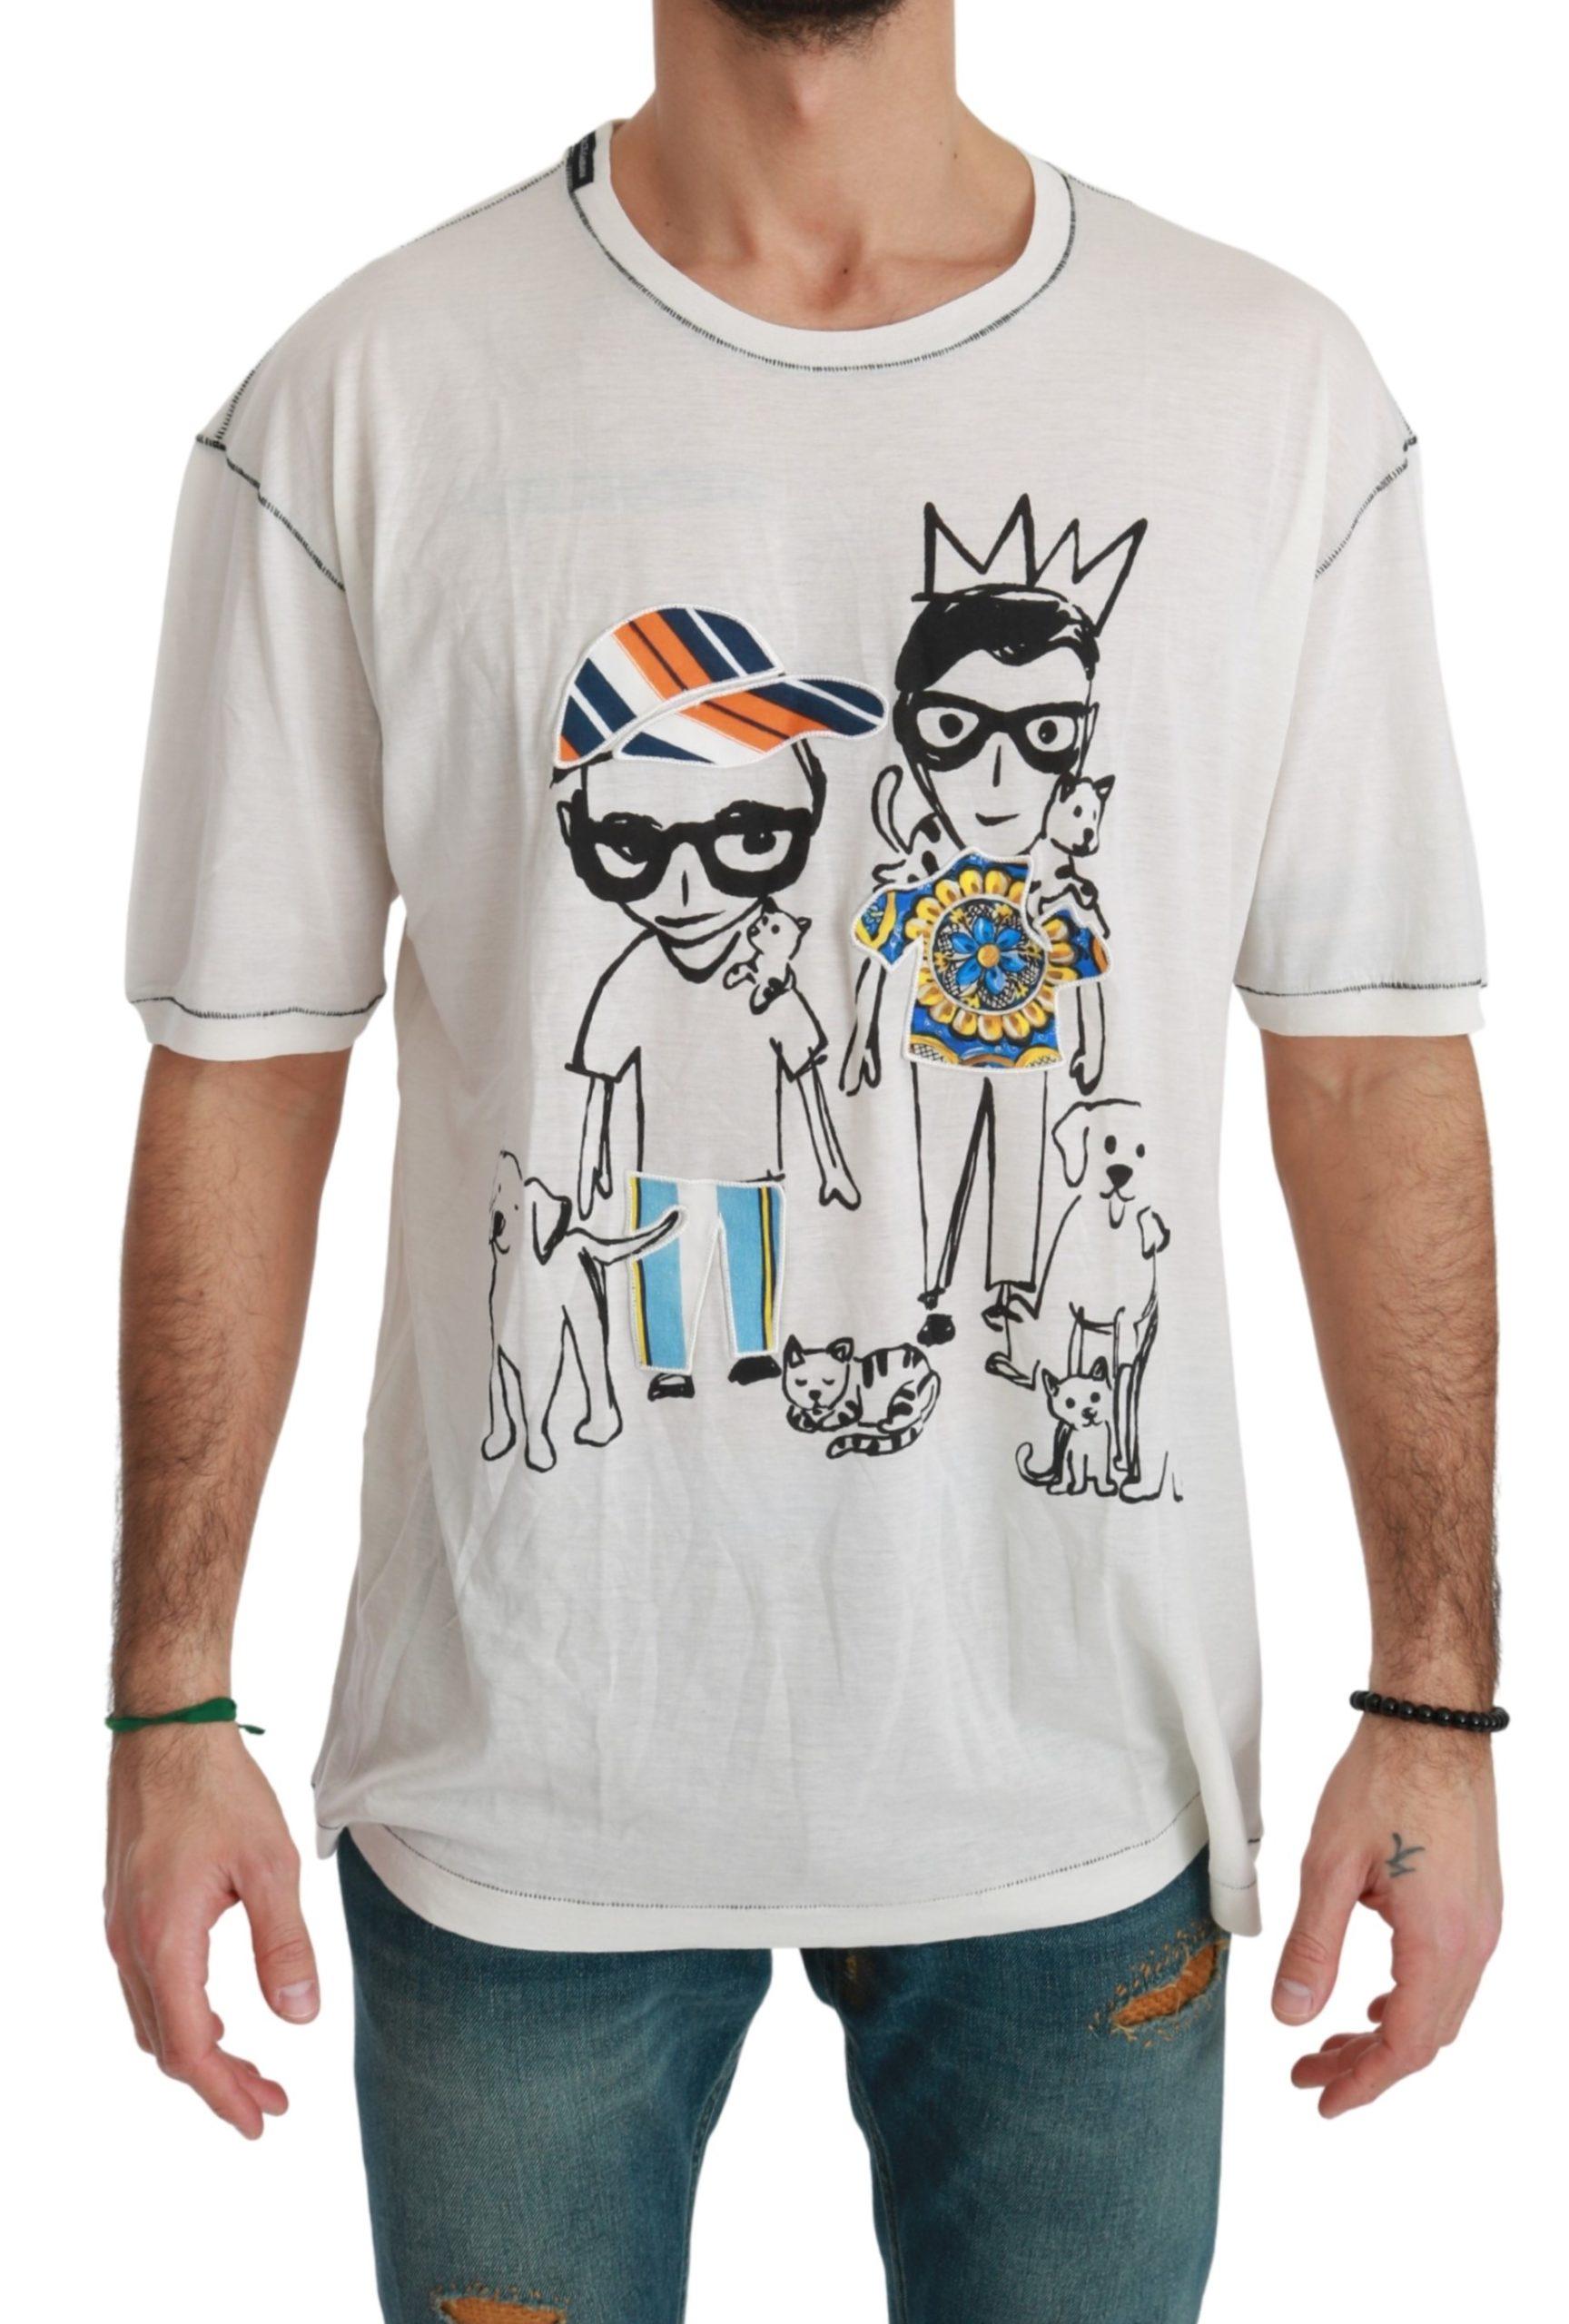 Dolce & Gabbana Men's Print Cotton T-Shirt White TSH4510 - IT50 | L